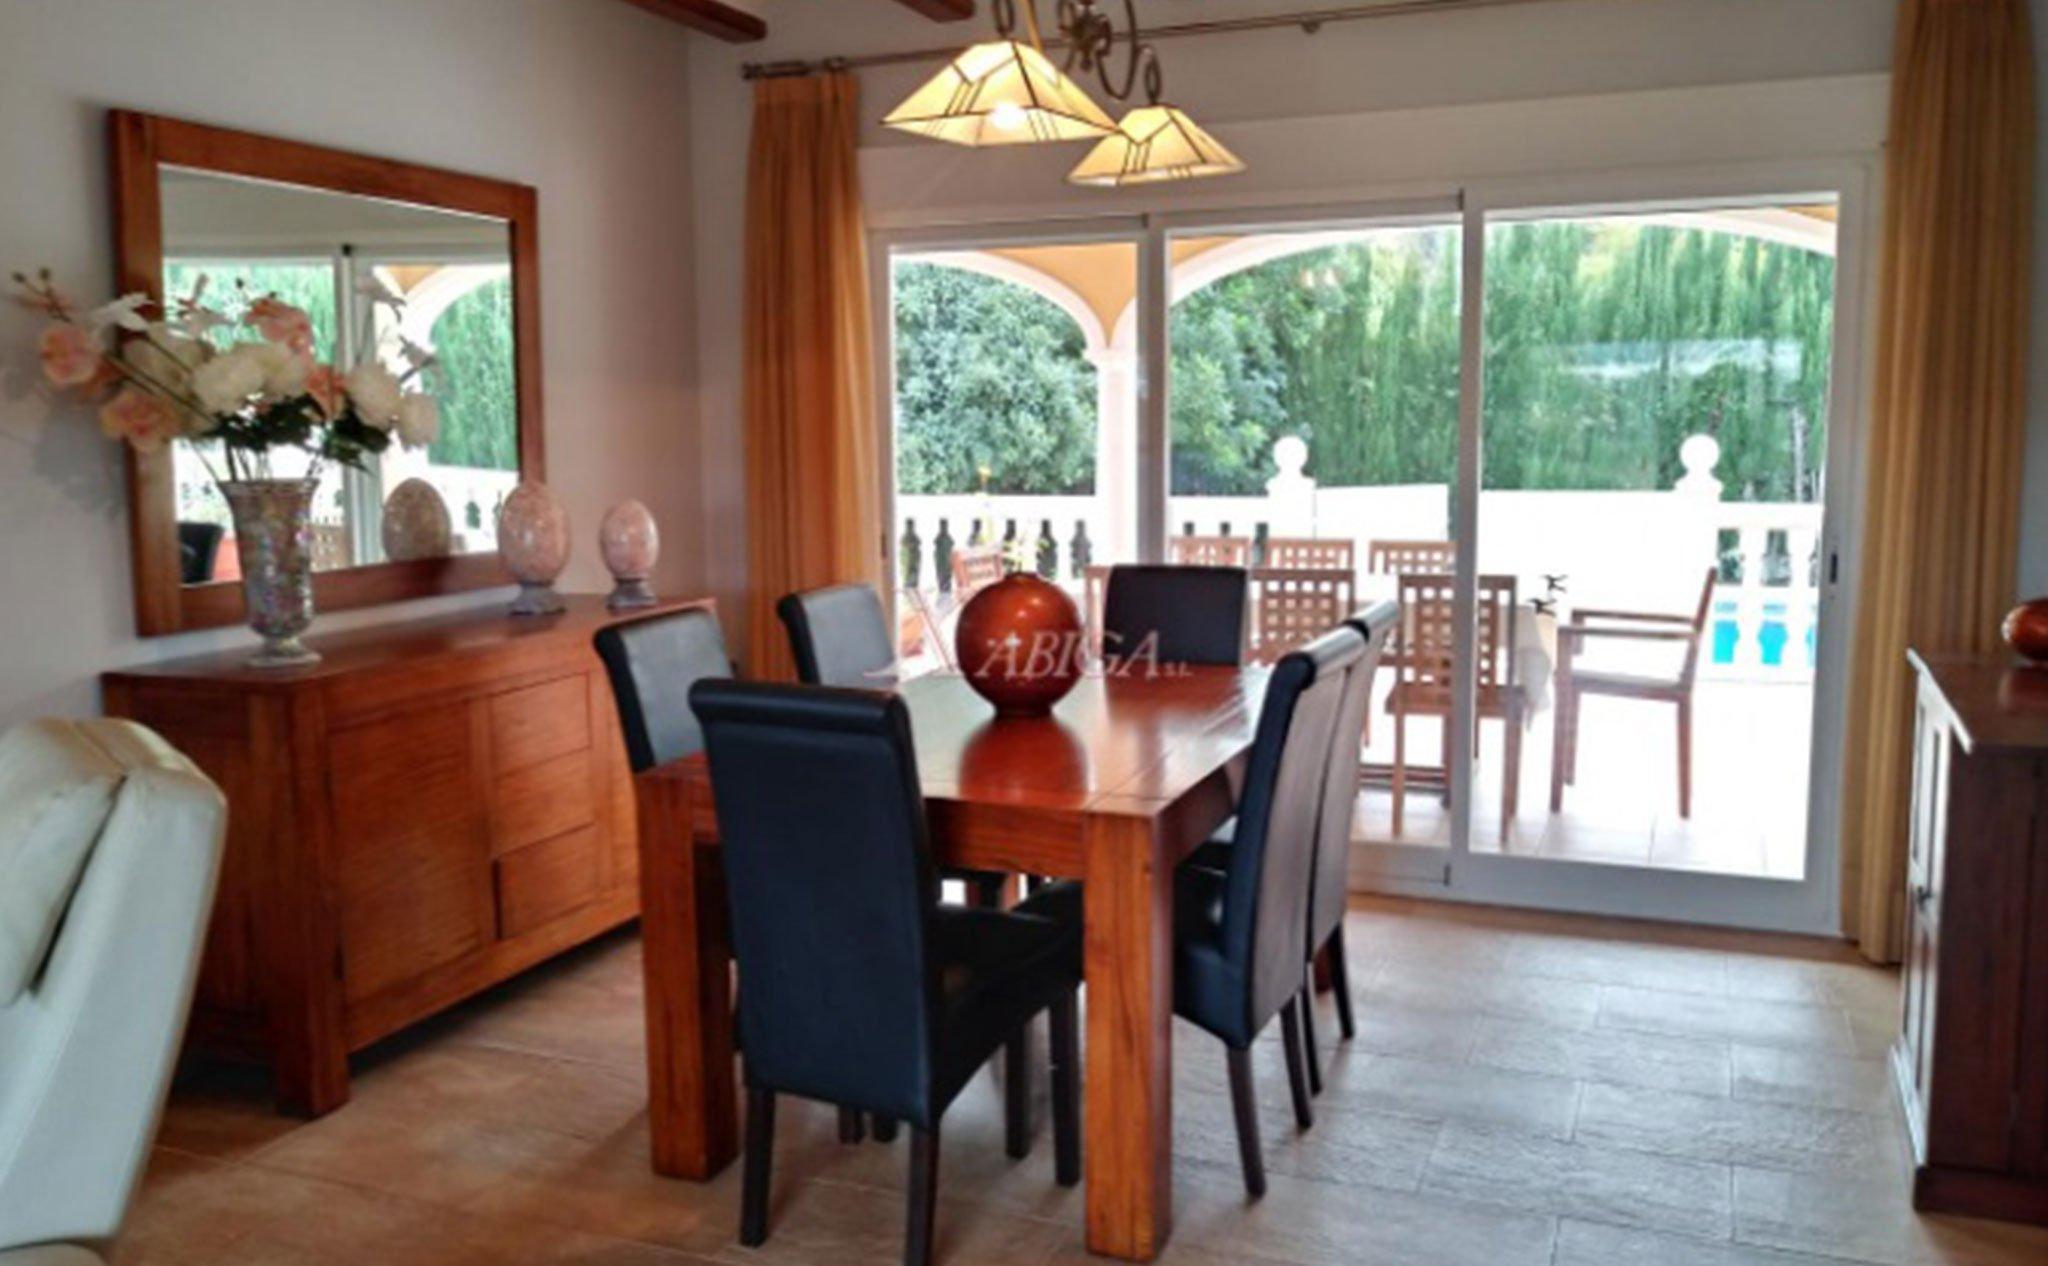 Comedor de un chalet en venta en Jávea – Xabiga Inmobiliaria